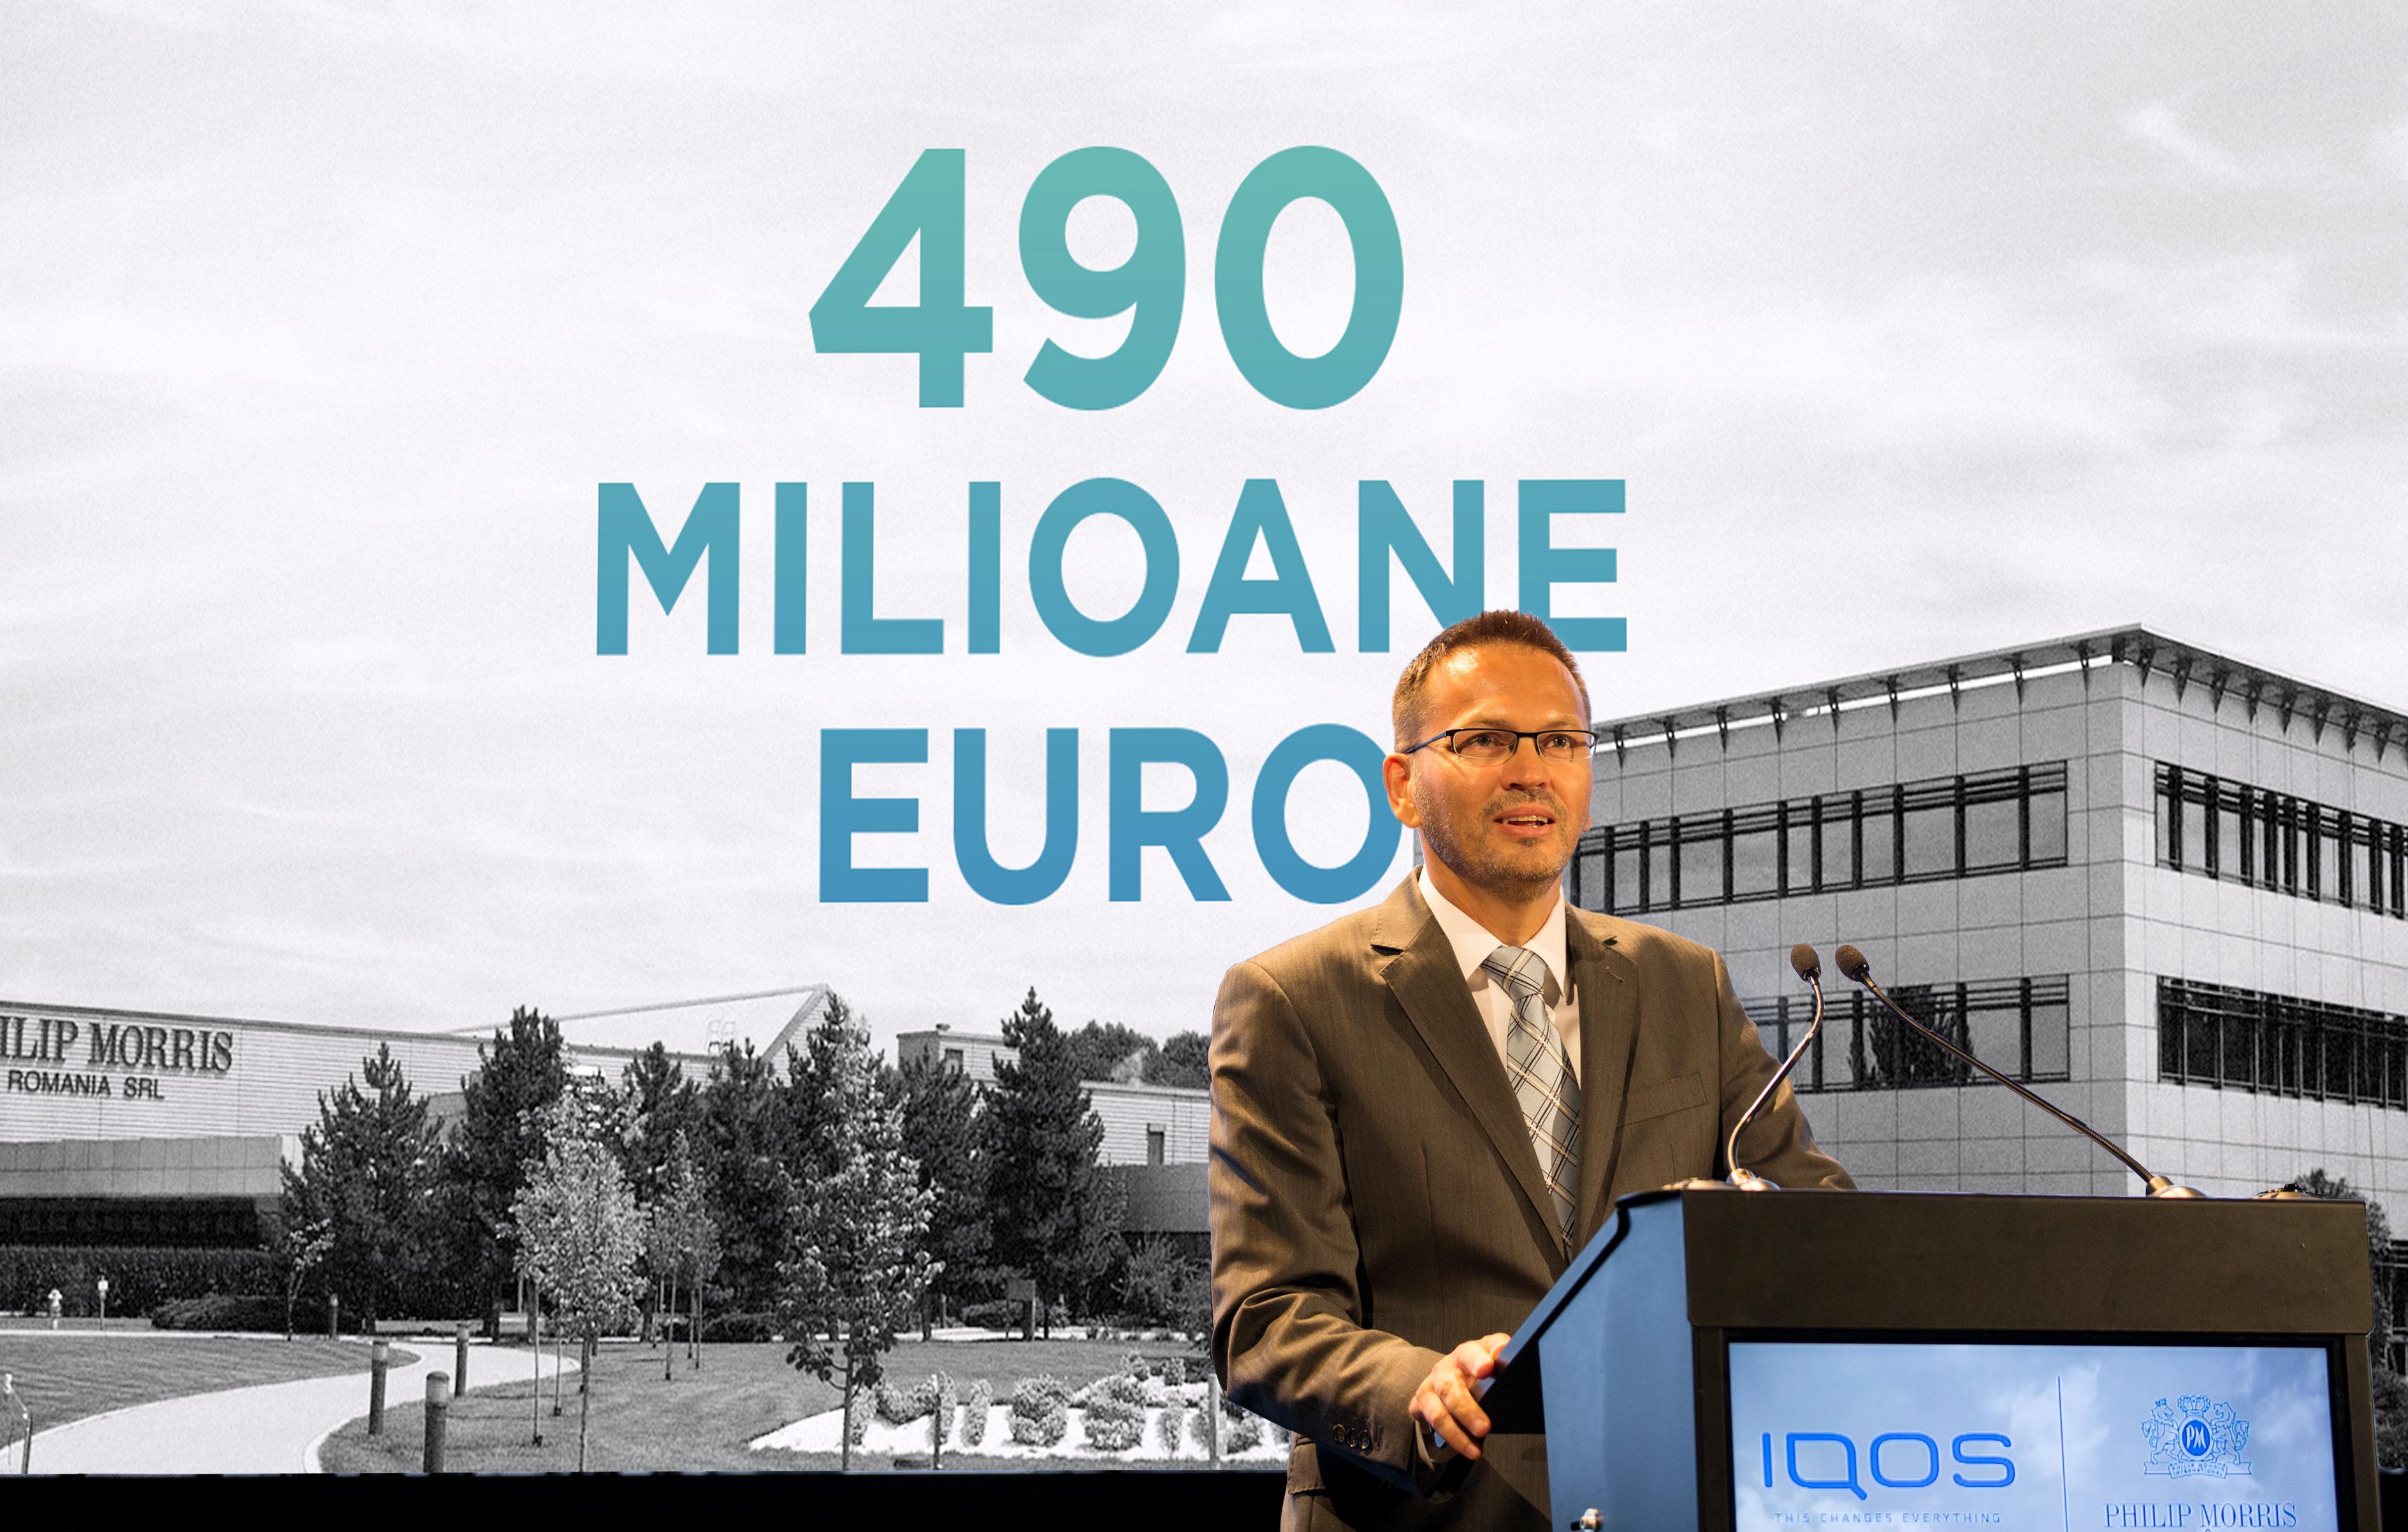 Philip Morris International anunță investiții de 490 de milioane de euro şi 300 de noi locuri de muncă